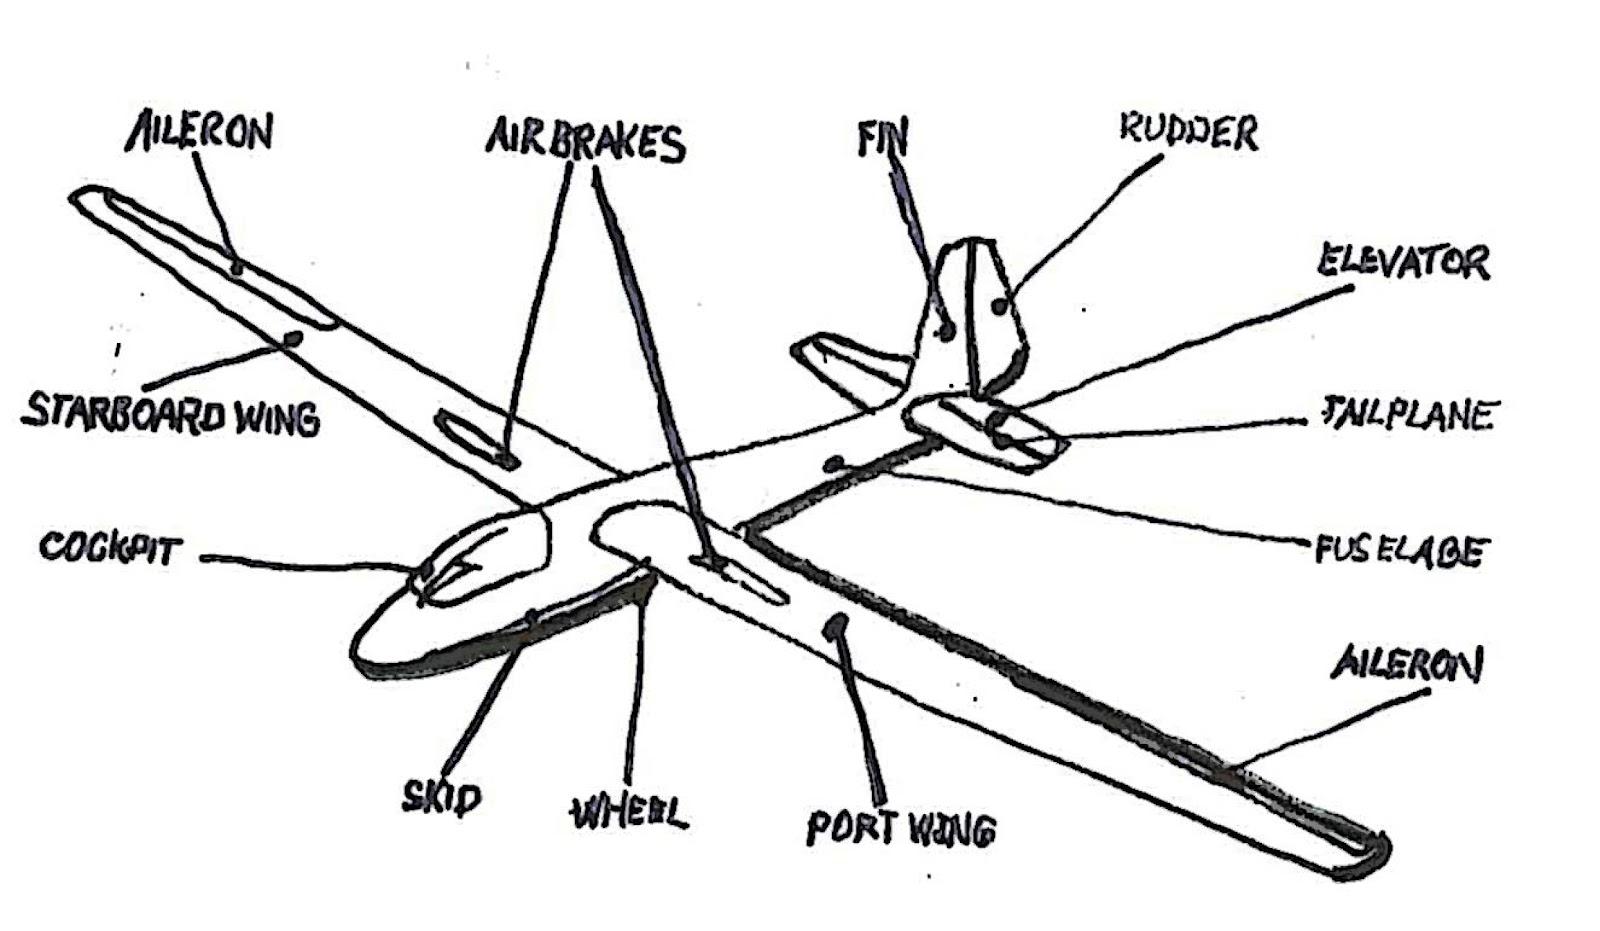 saab 340 engine diagram saab get free image about wiring diagram